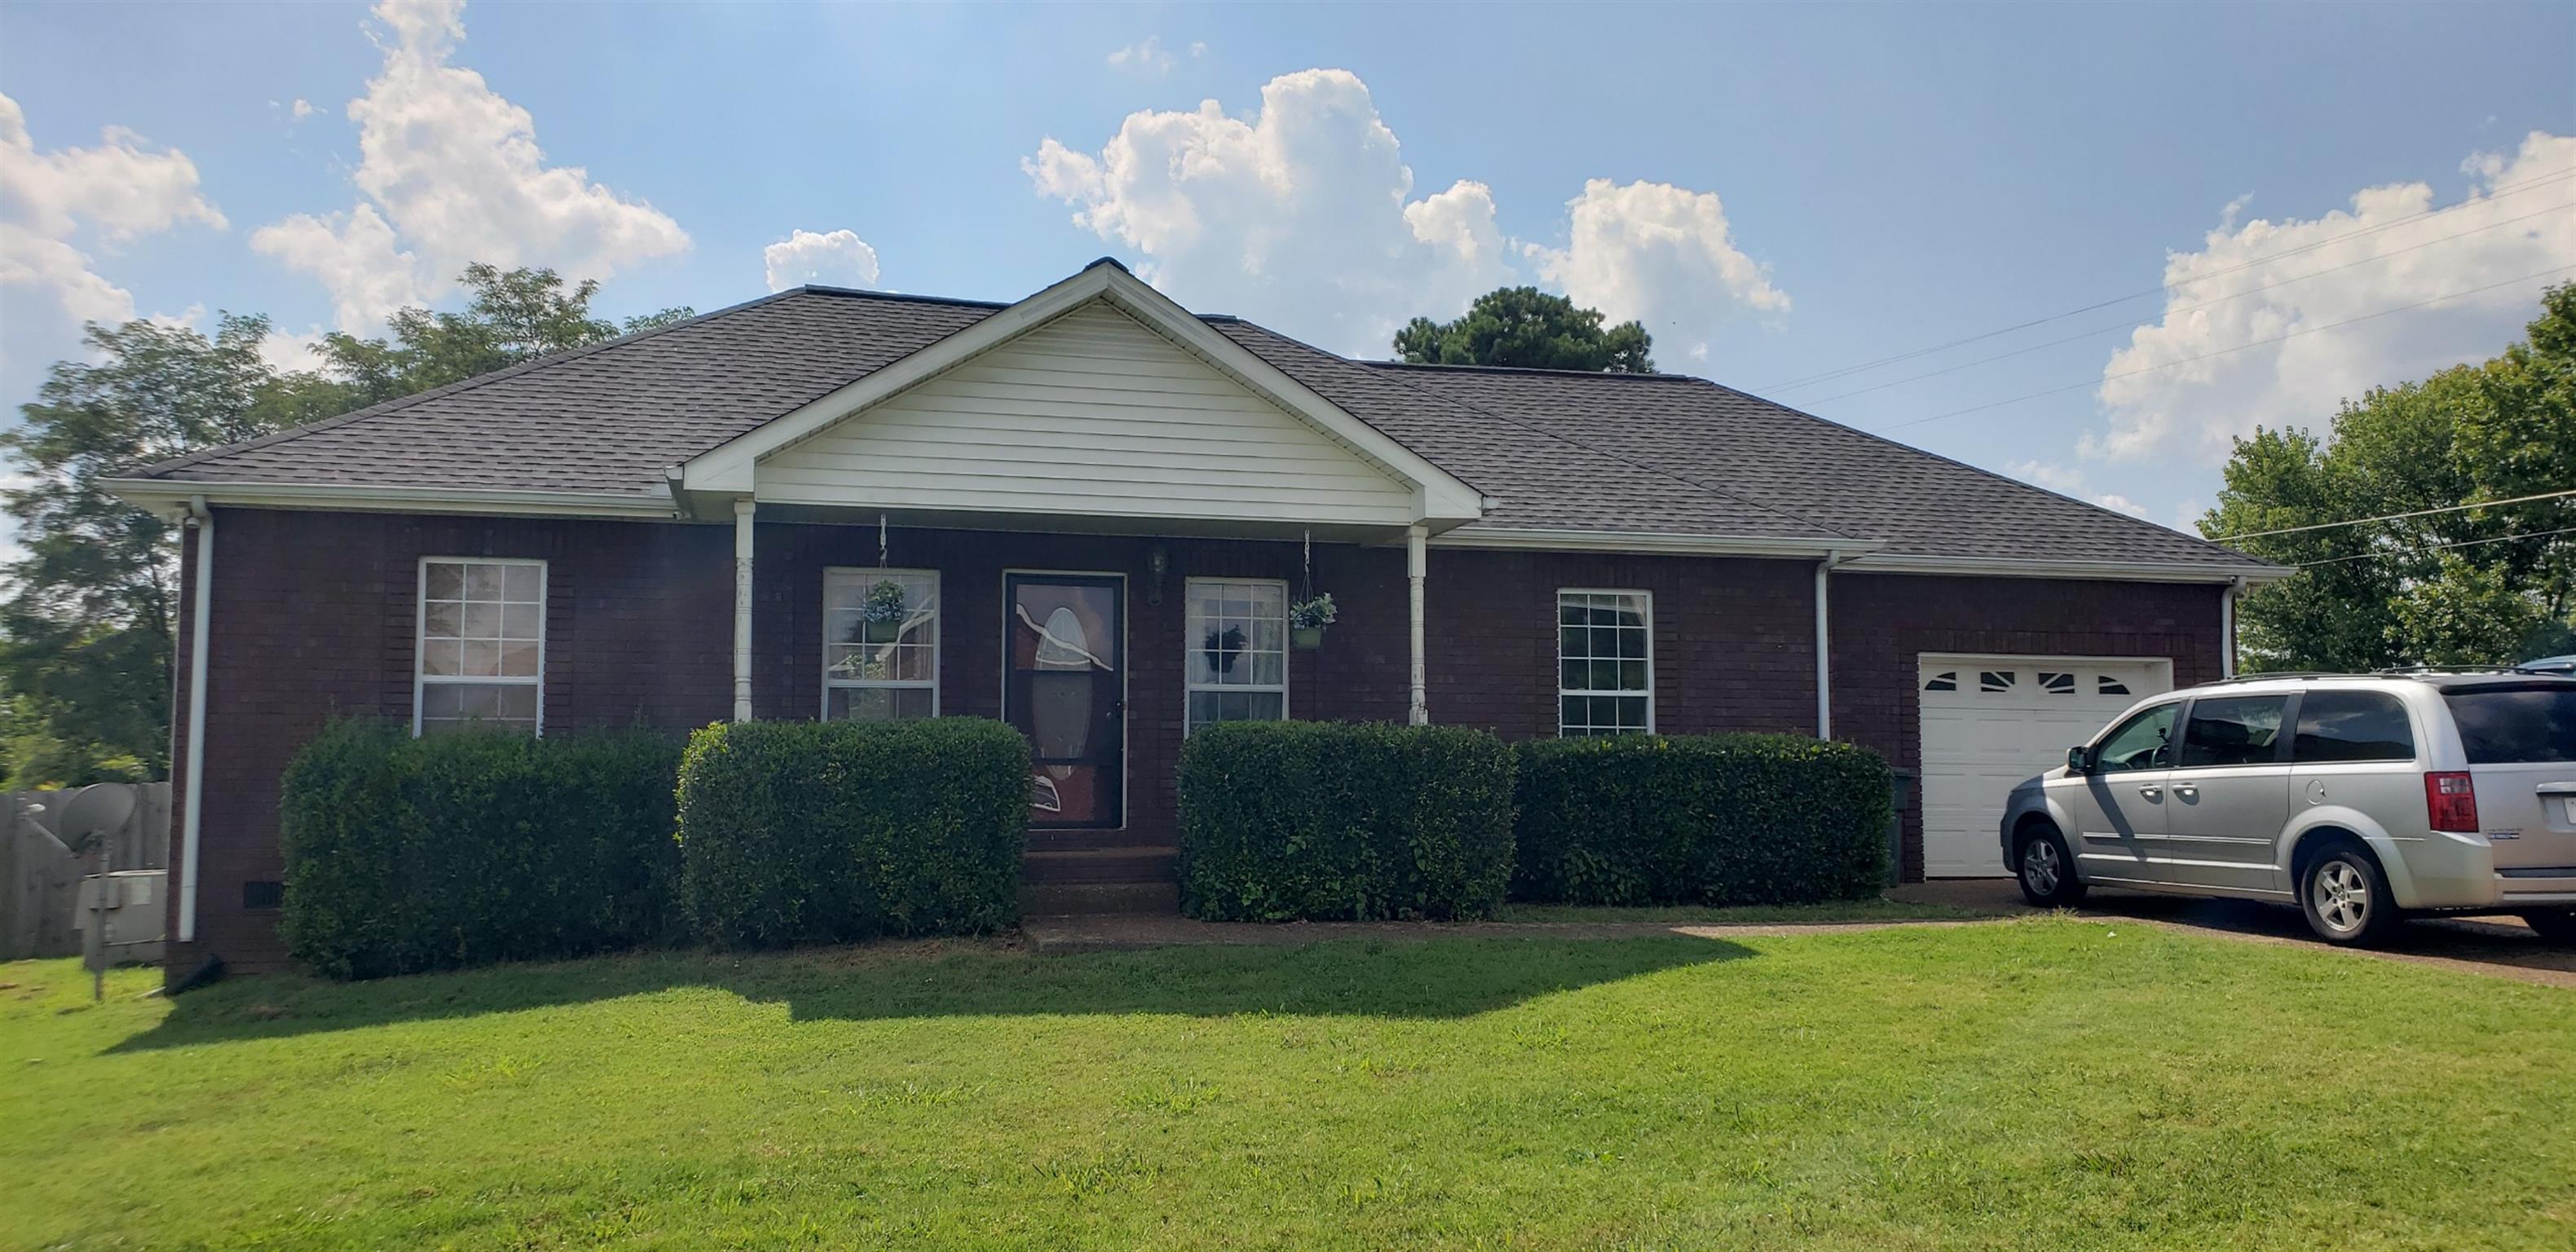 101 Charles Way, Portland, TN 37148 - Portland, TN real estate listing